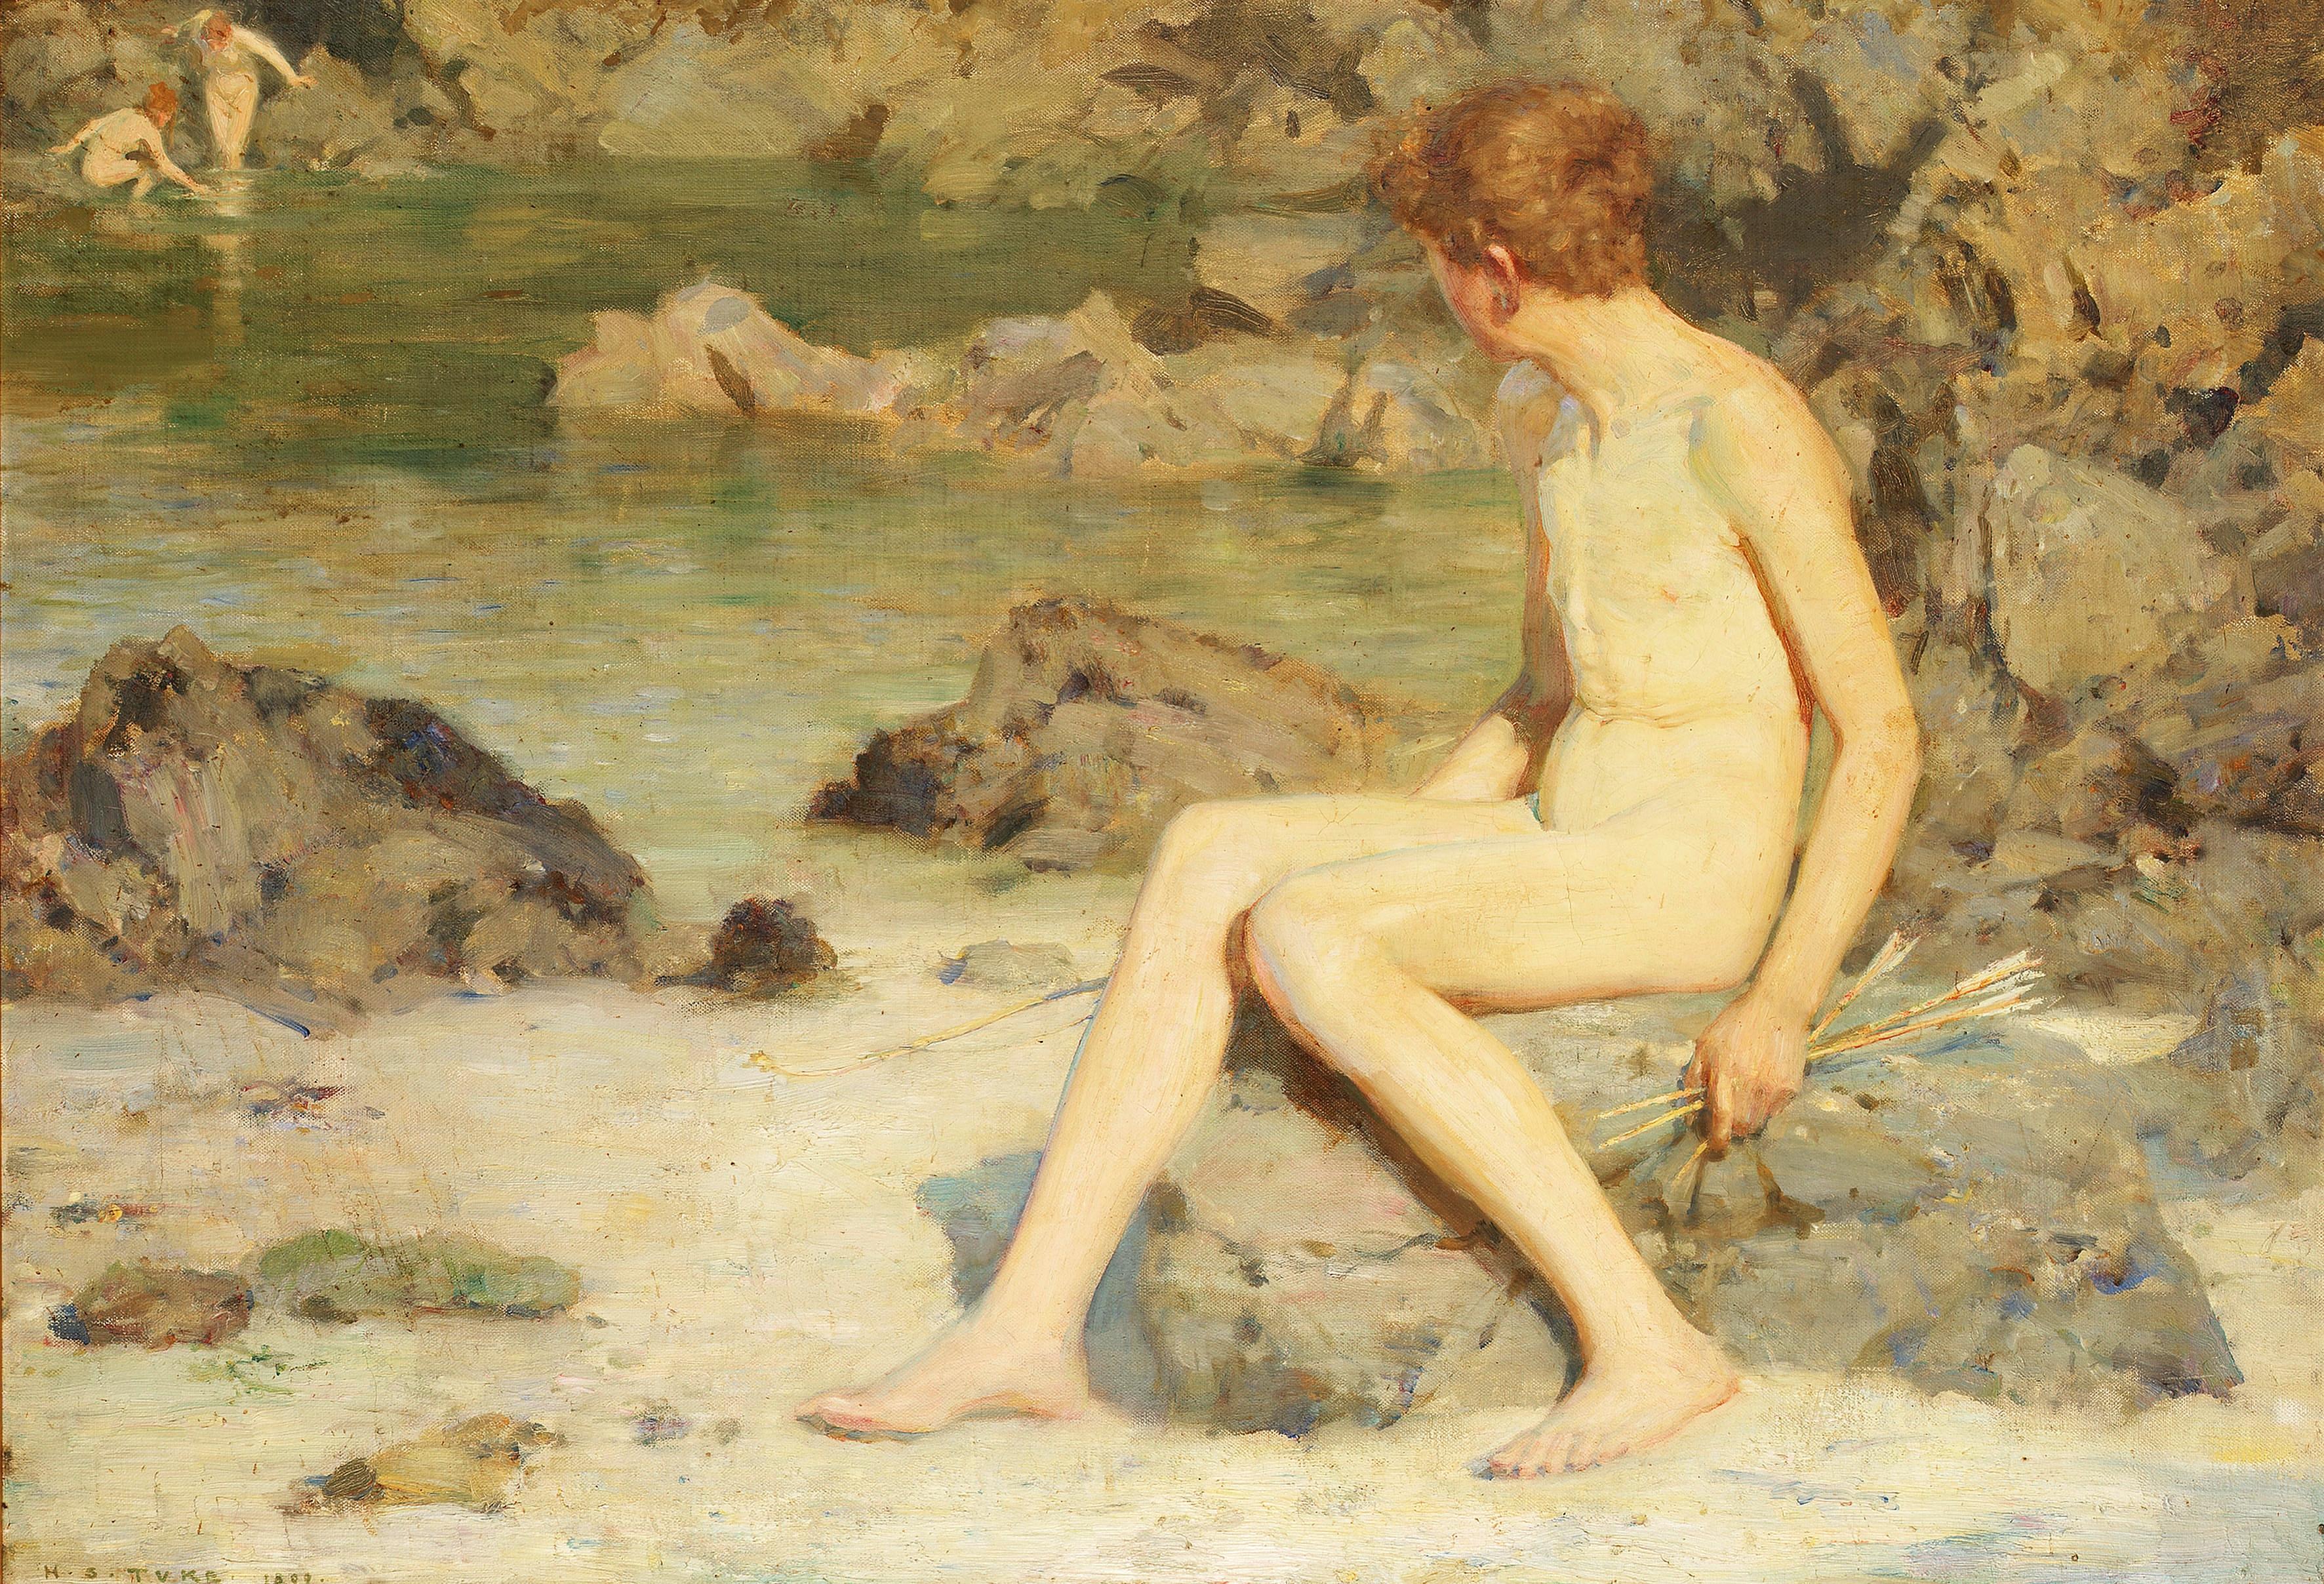 Nude Boys By Henry Scott Tuke Images